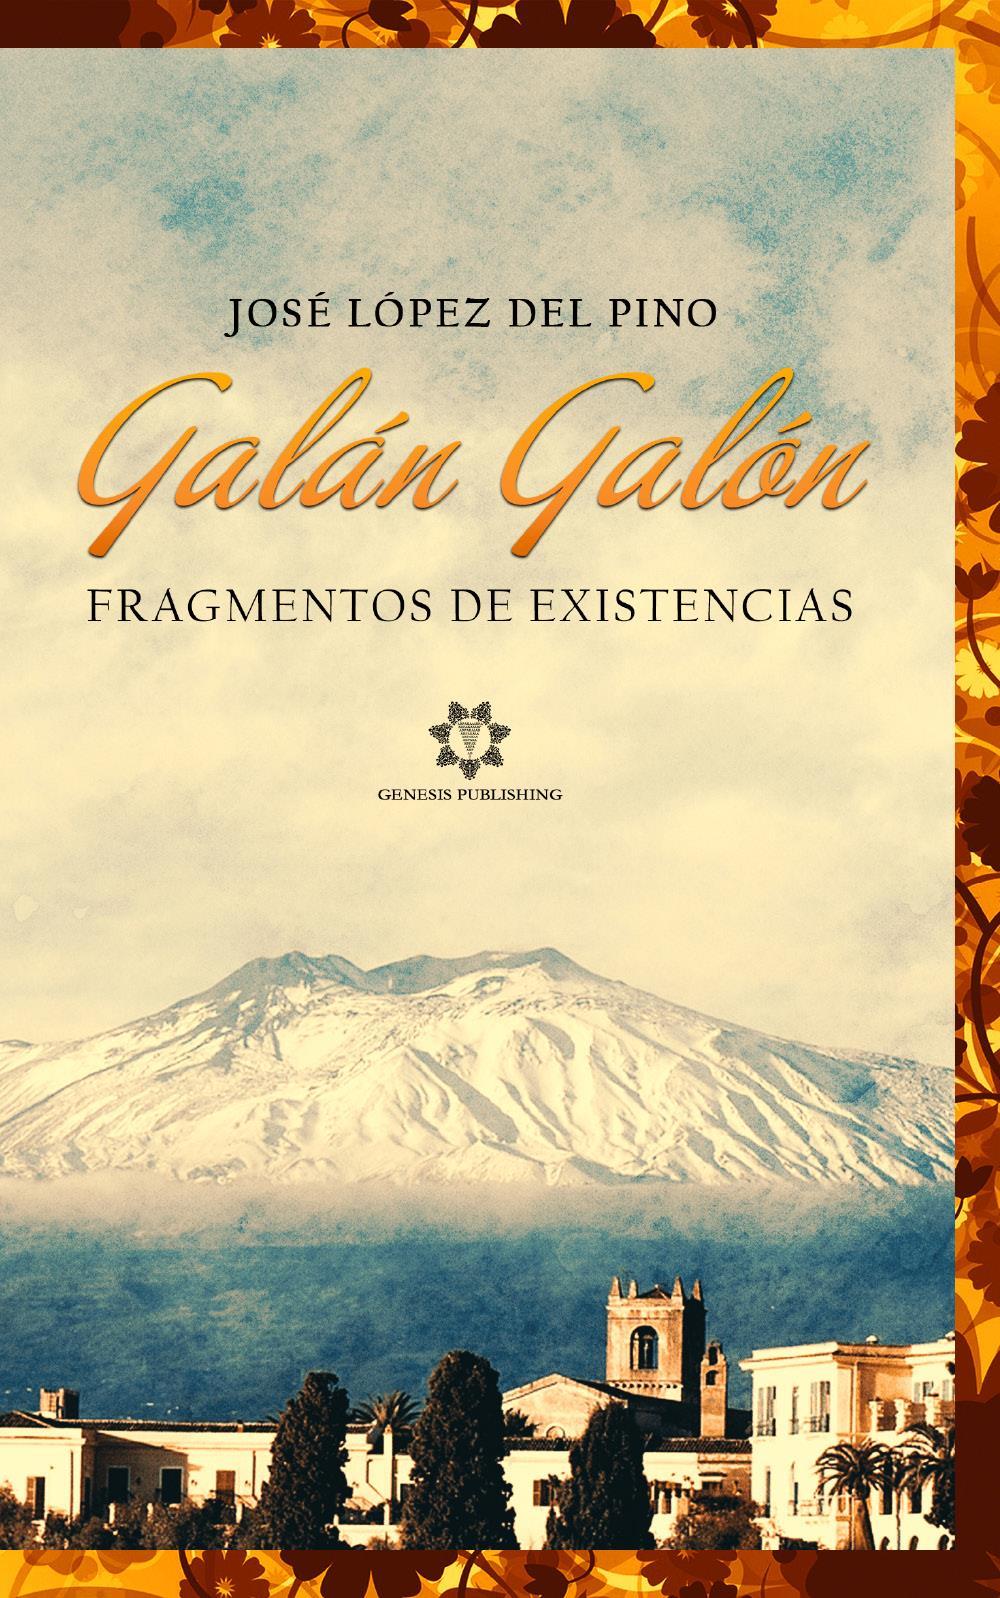 Galán Galón - Fragmentos de existencias